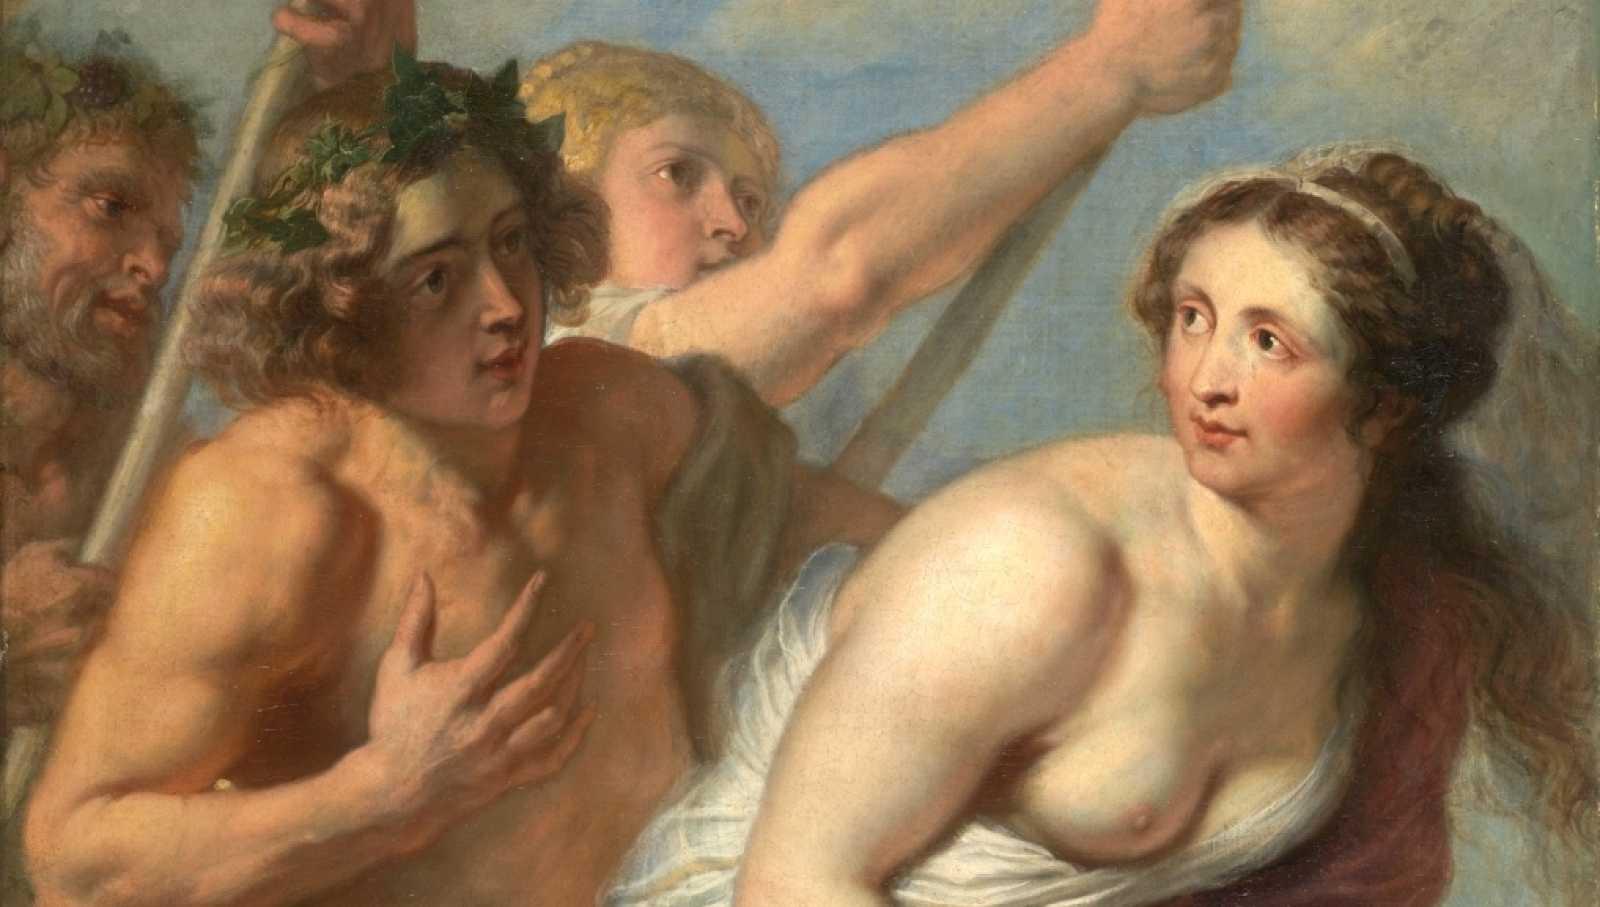 Píntame un mito - Baco y Ariadna - Escuchar ahora